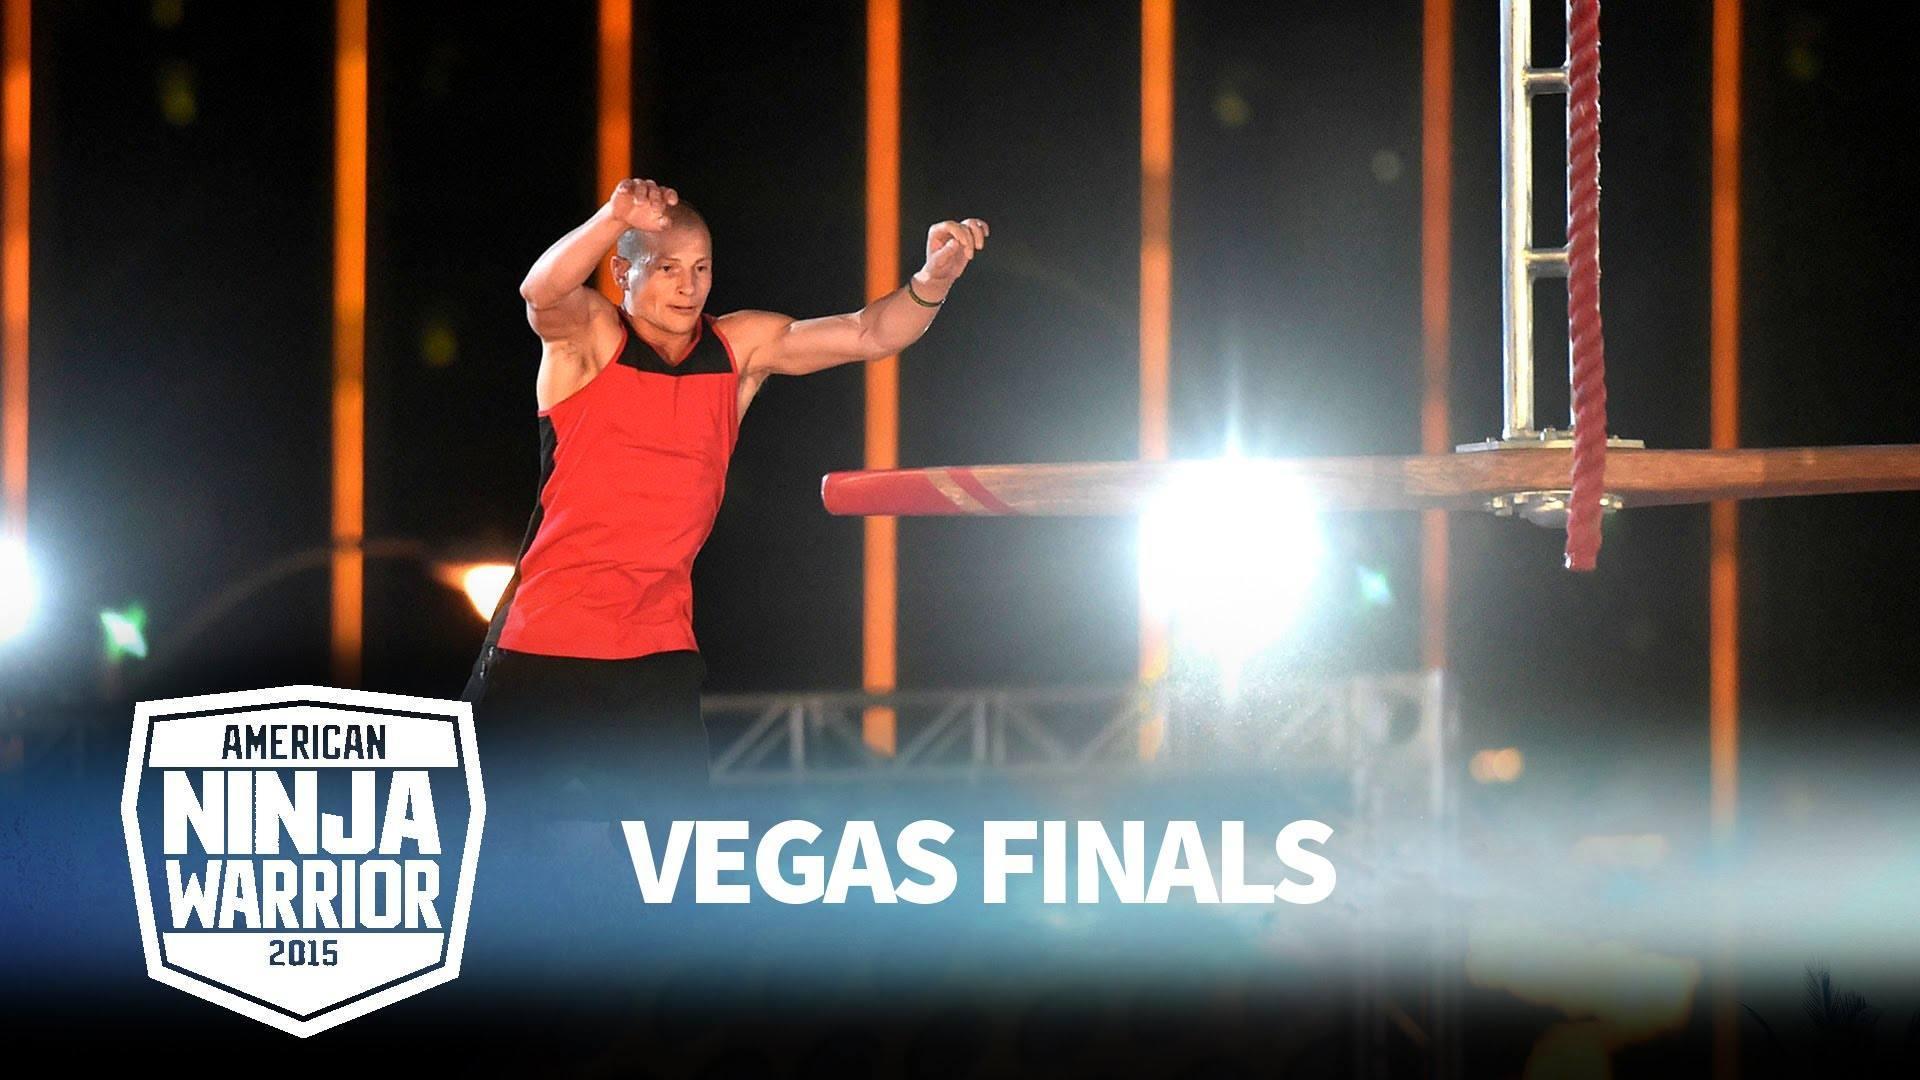 American Ninja Warrior Vegas Finals 2 Brent Steffensen Images 2015